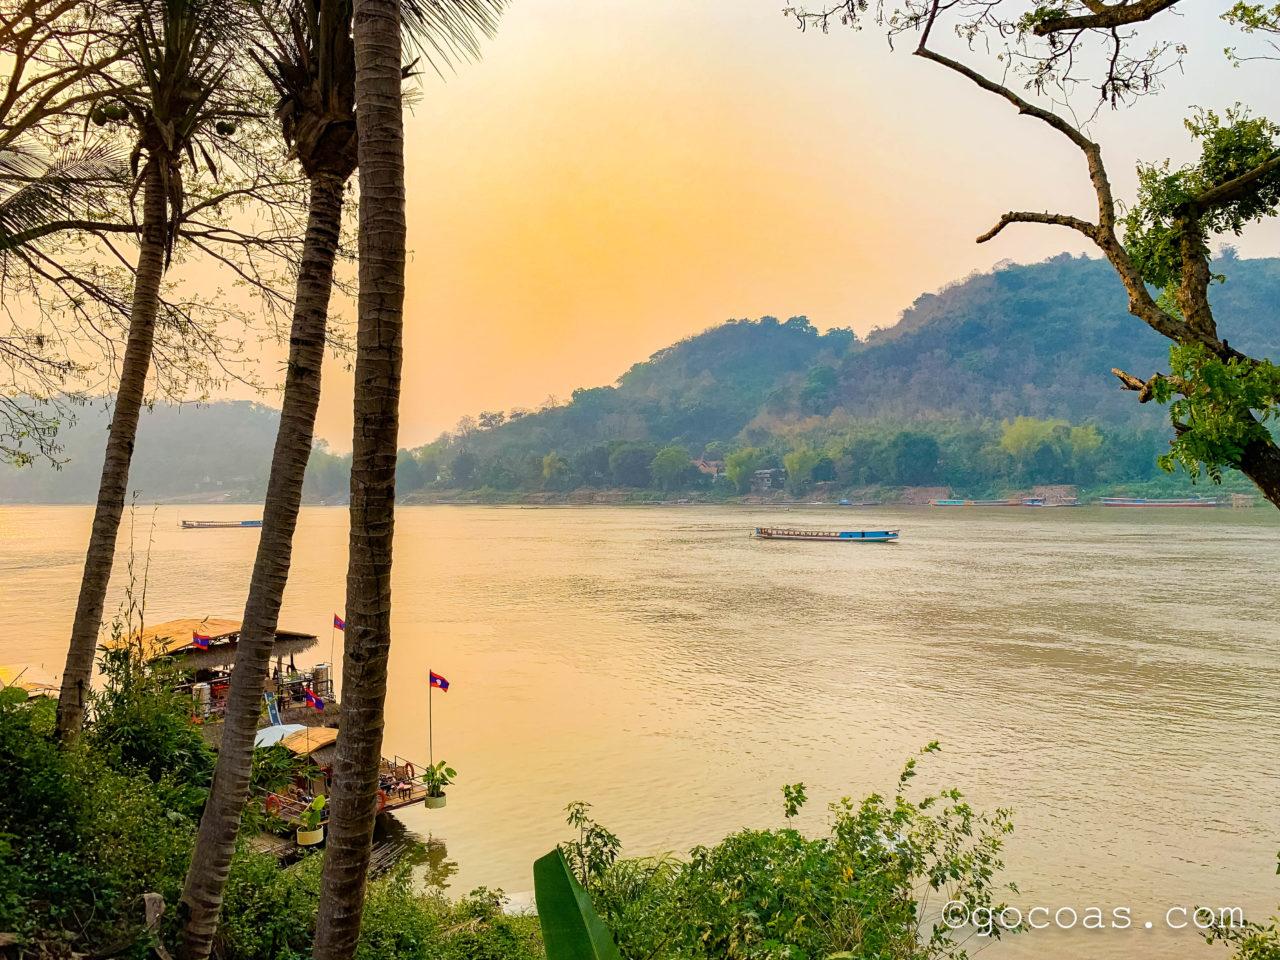 ルアンパバーンの街中にあったメコン川